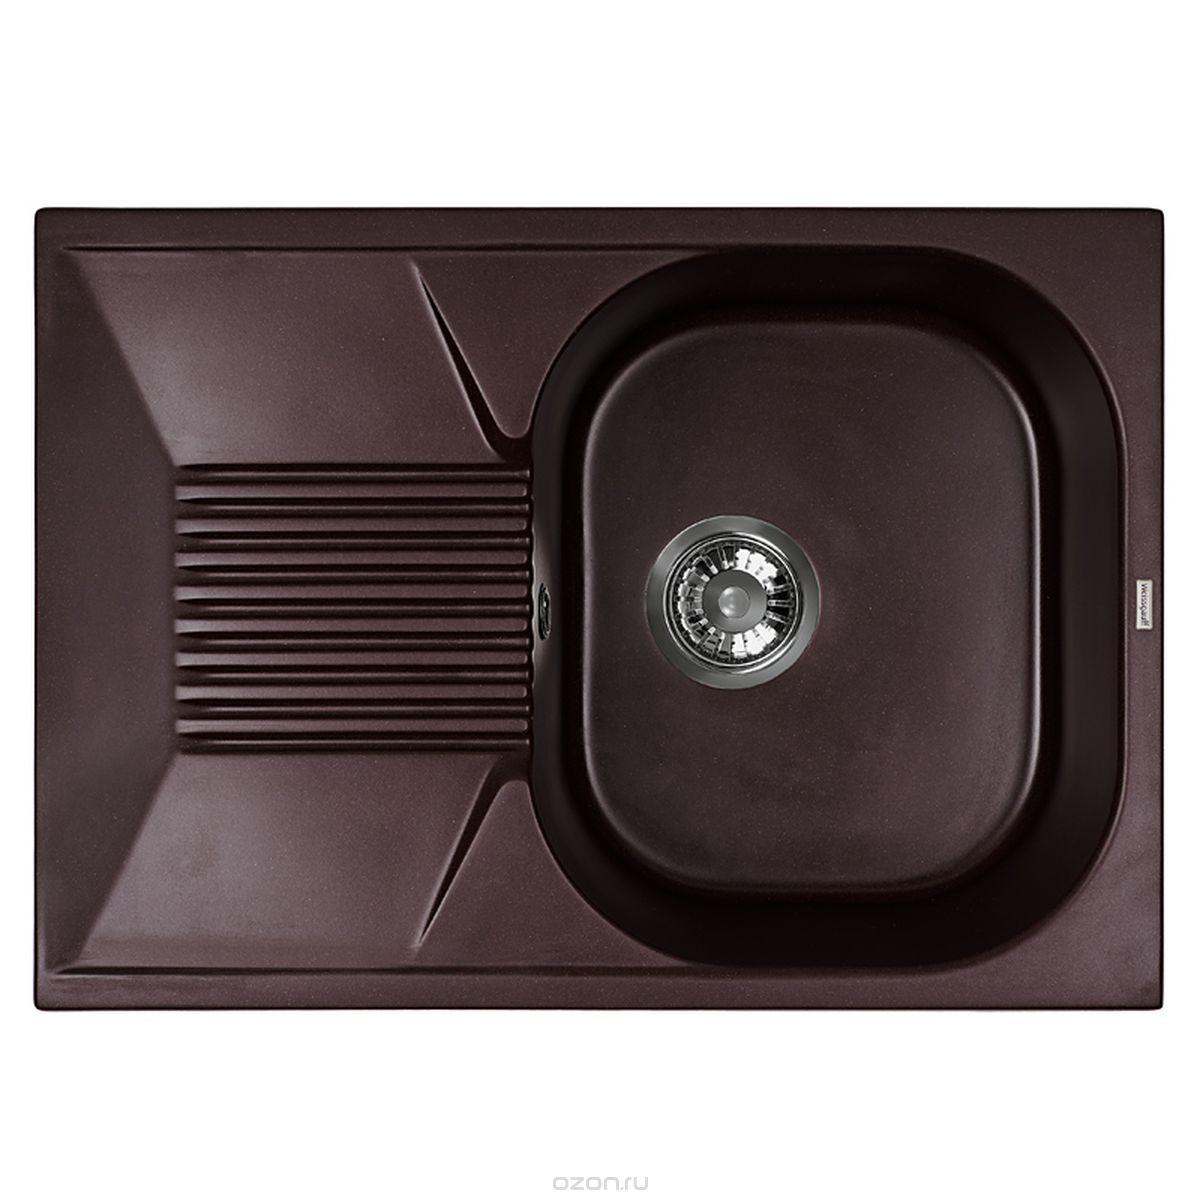 Кухонная мойка Weissgauff CLASSIC 695 Eco Granit шоколад